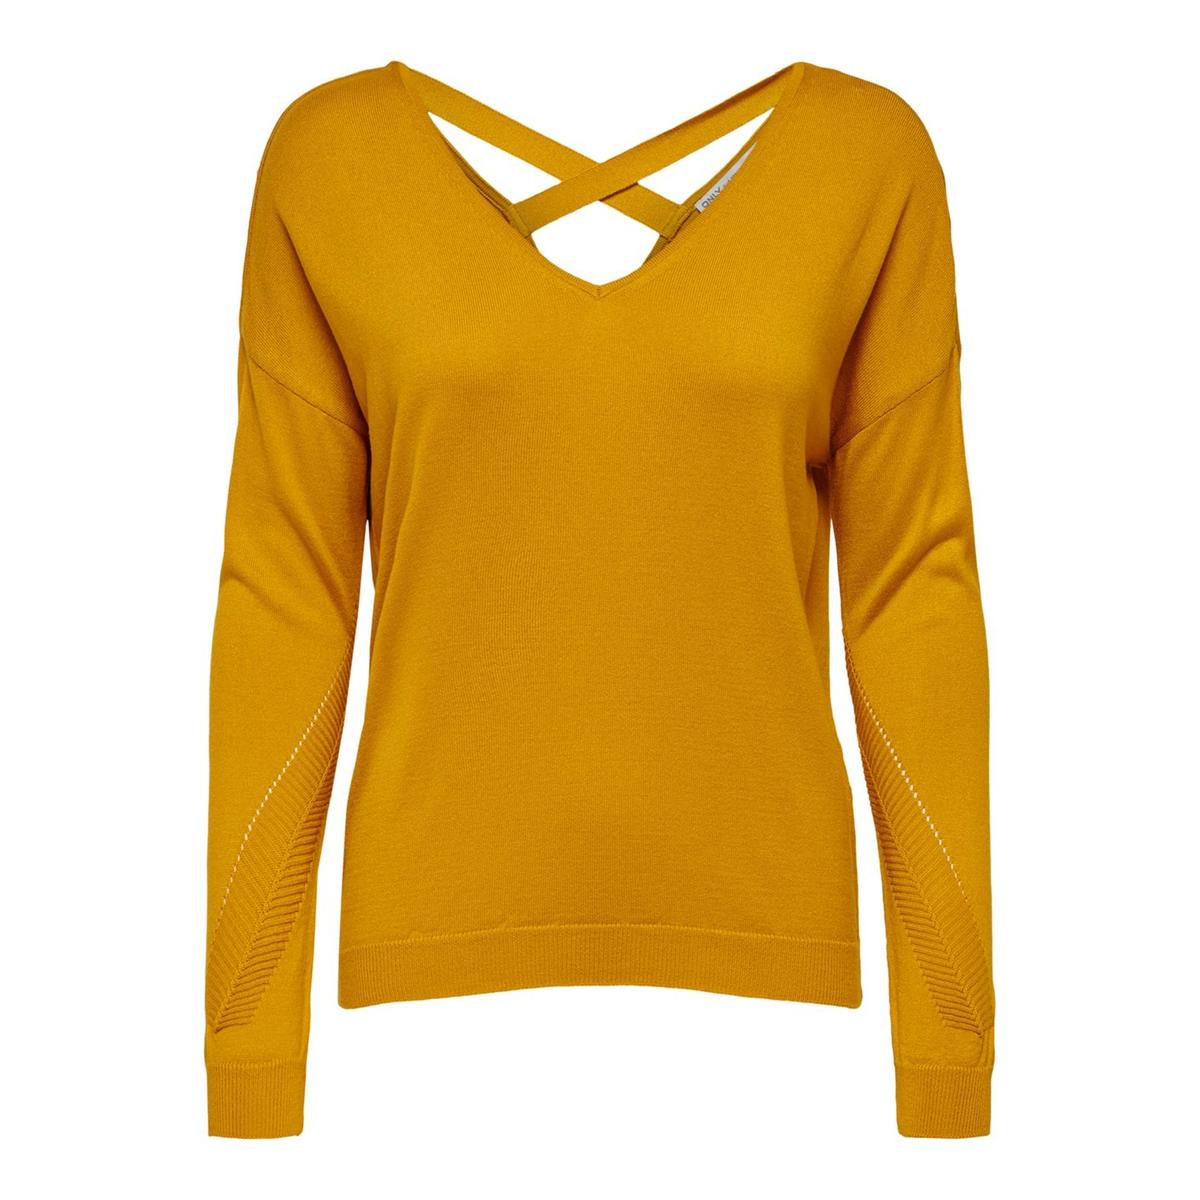 Пуловер La Redoute С V-образным вырезом открытая спинка L каштановый